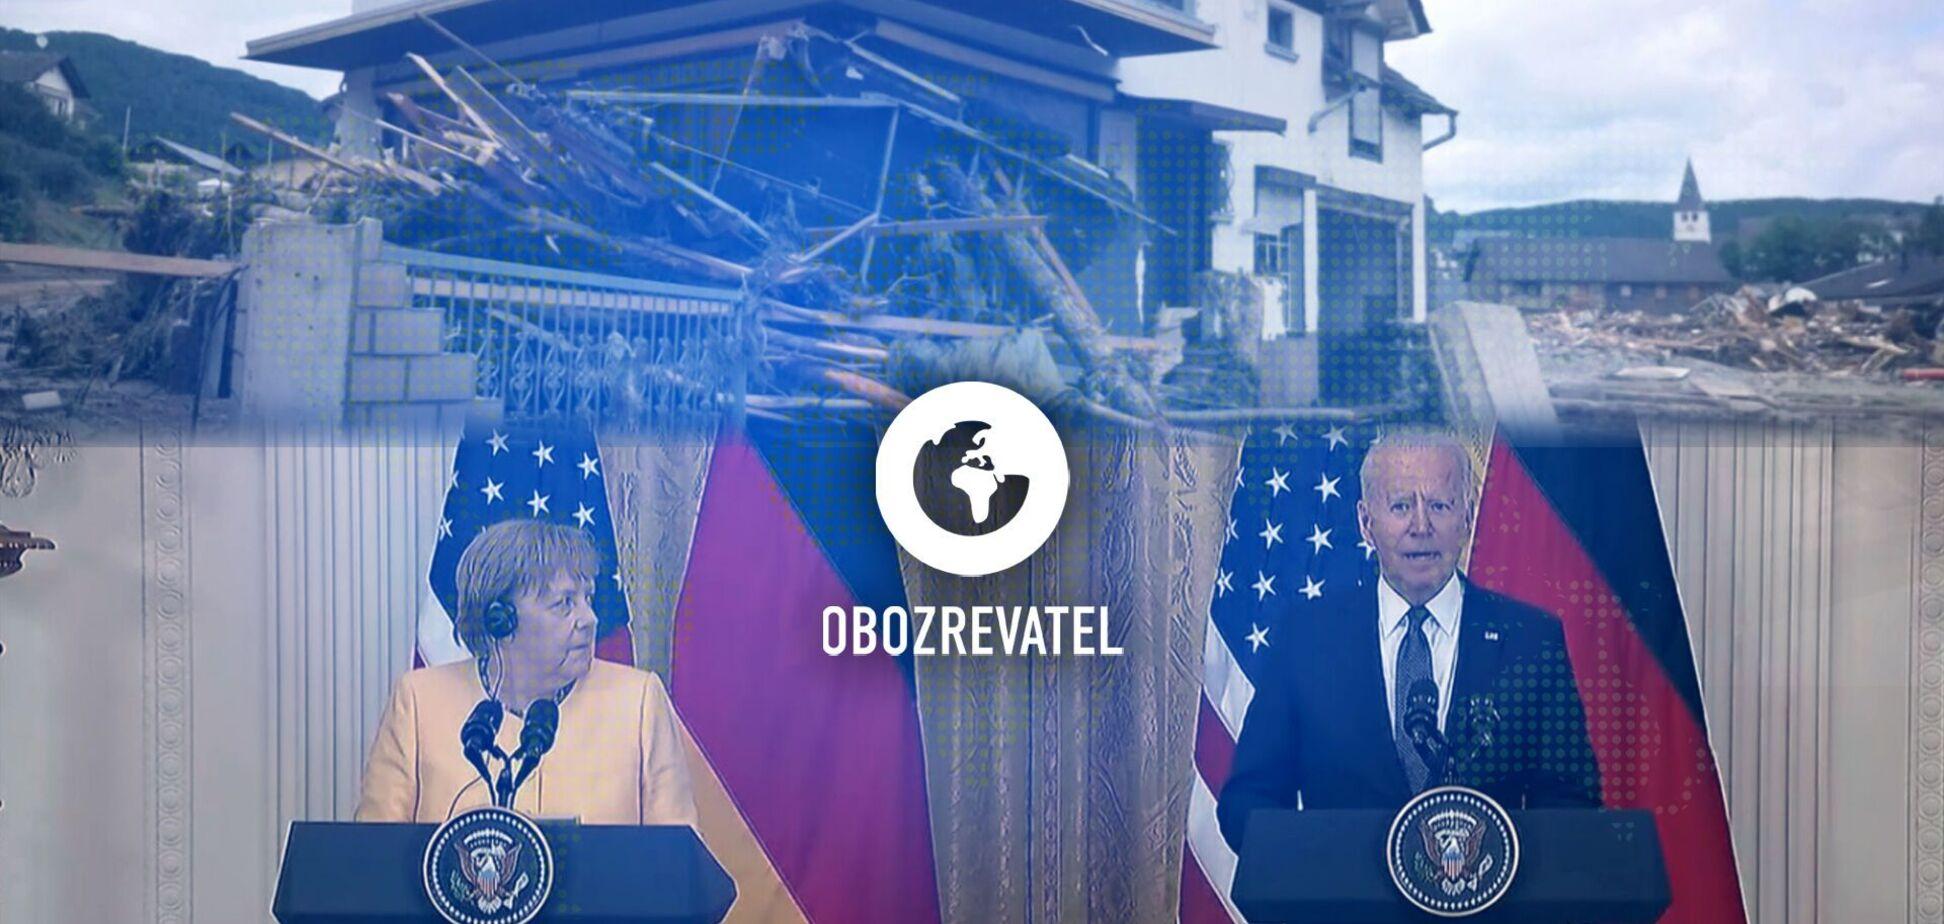 Масштабные наводнения накрыли Европу, а президент США и канцлер Германии подписали Вашингтонский договор – дайджест международных событий